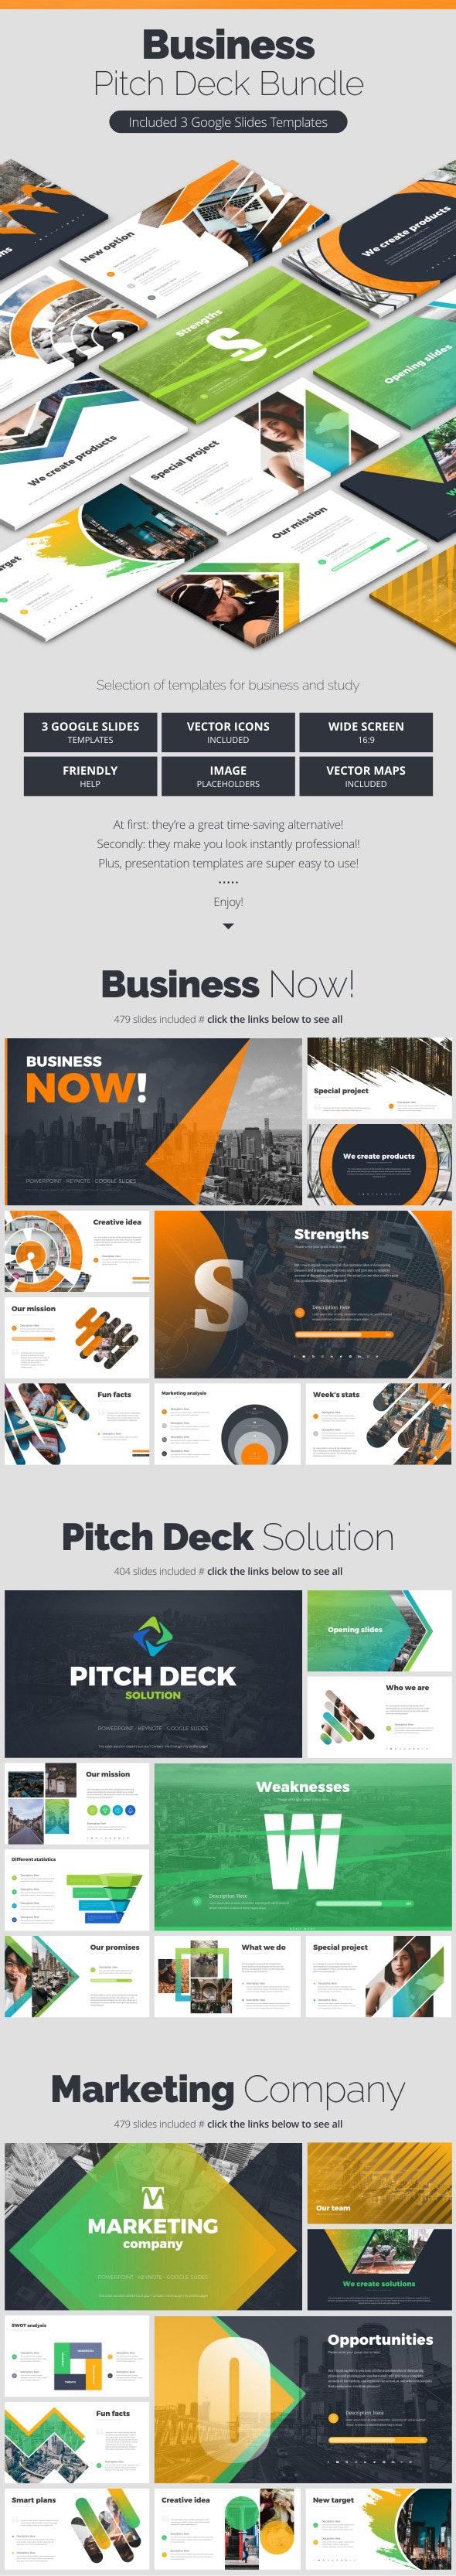 Business Bundle - Google Slides Presentation Templates